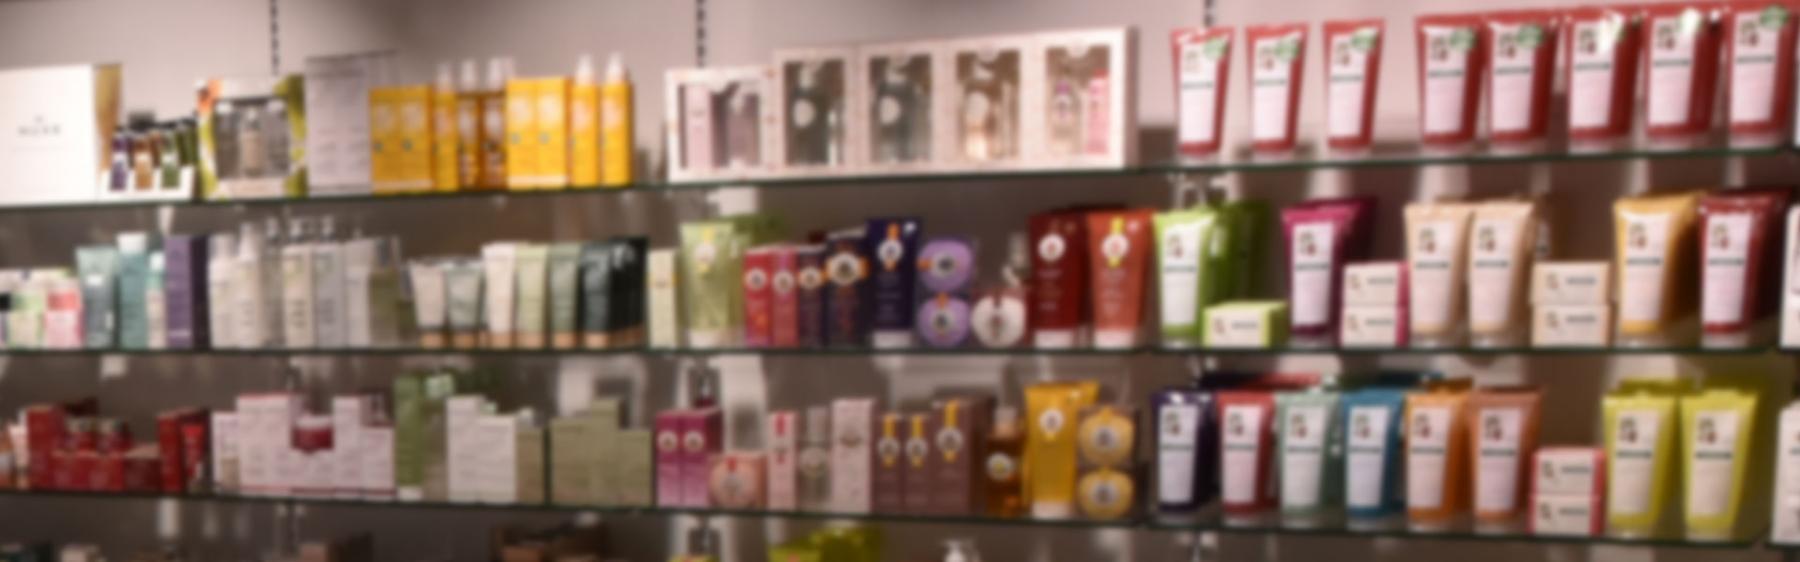 Pharmacie de Veyrier - Soins pour les cheveux